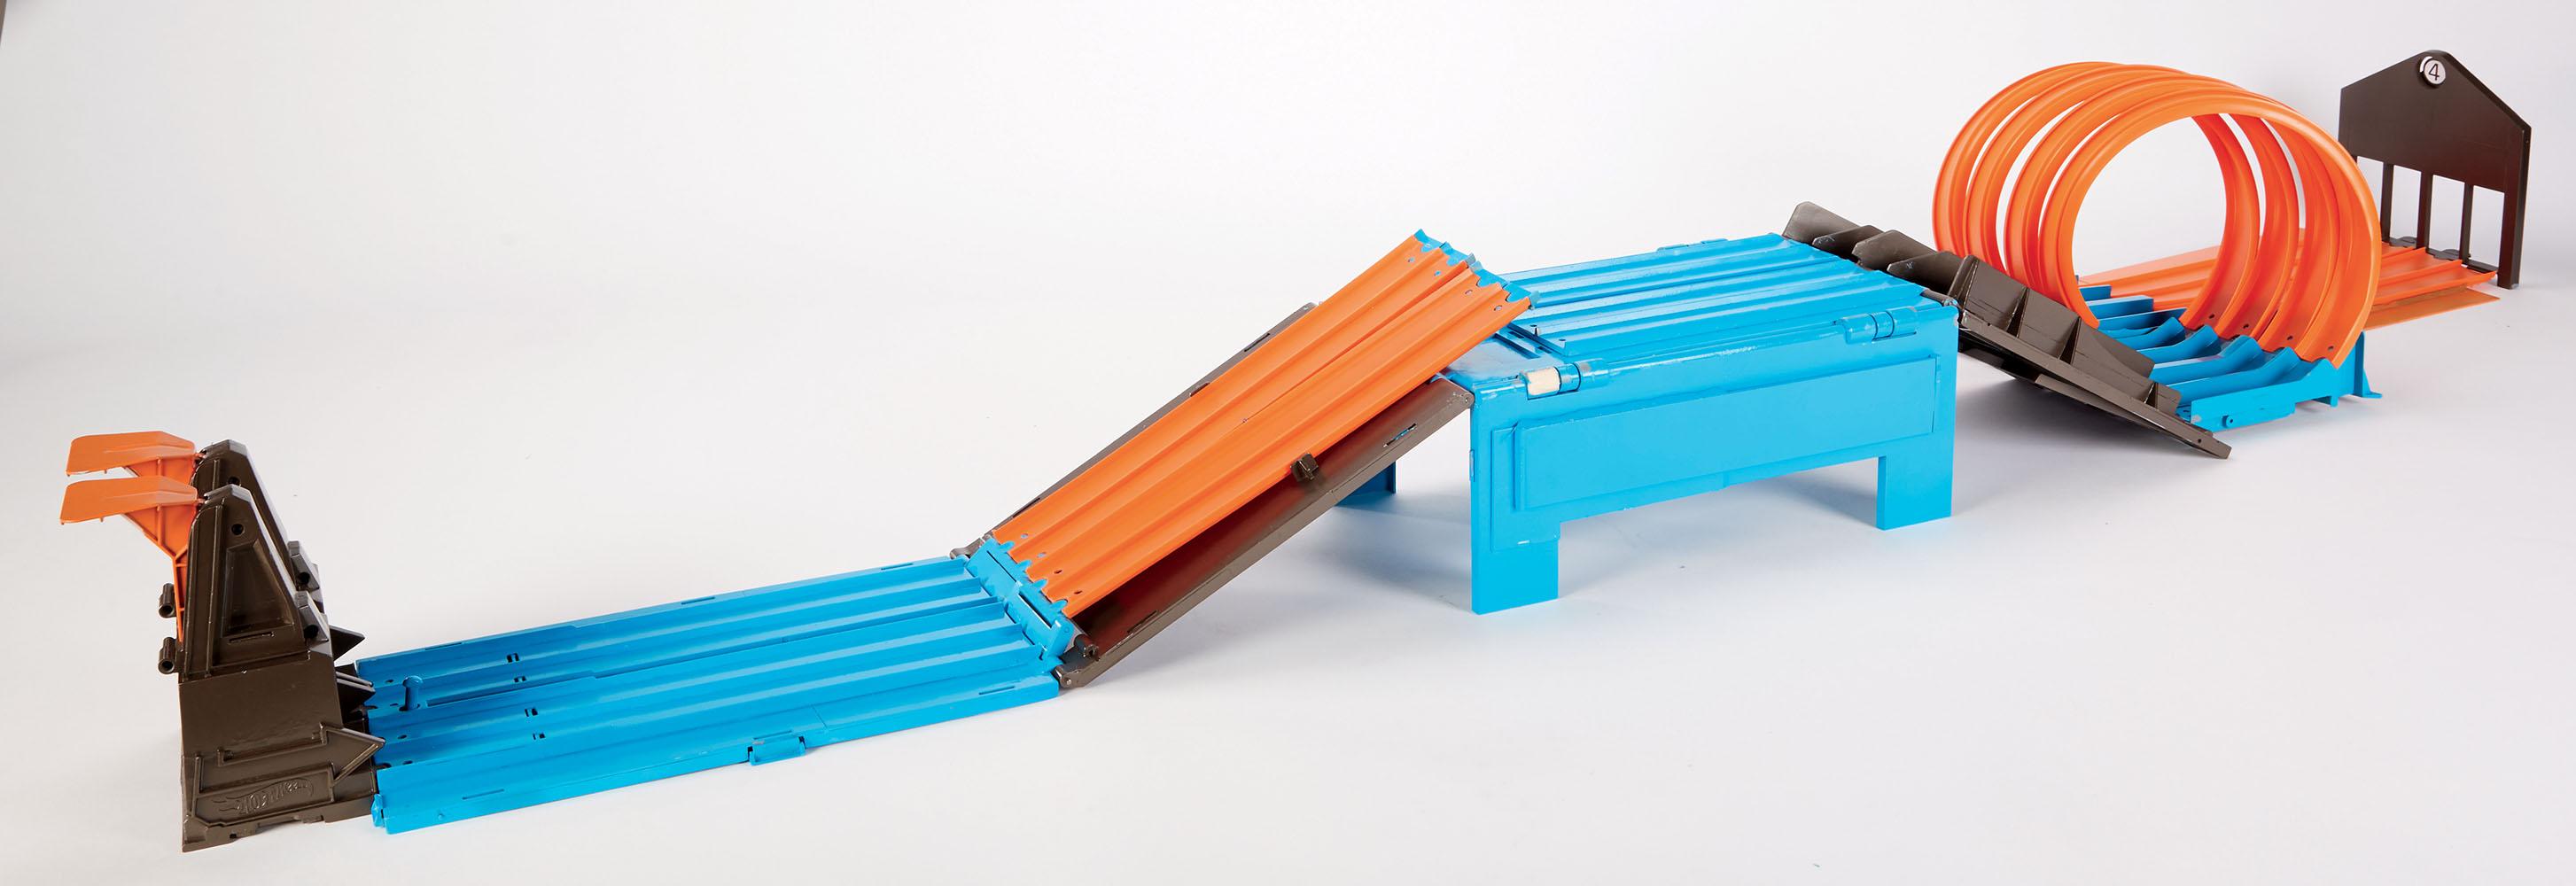 Hot Wheels-Ensemble de course avec caisse Track Builder